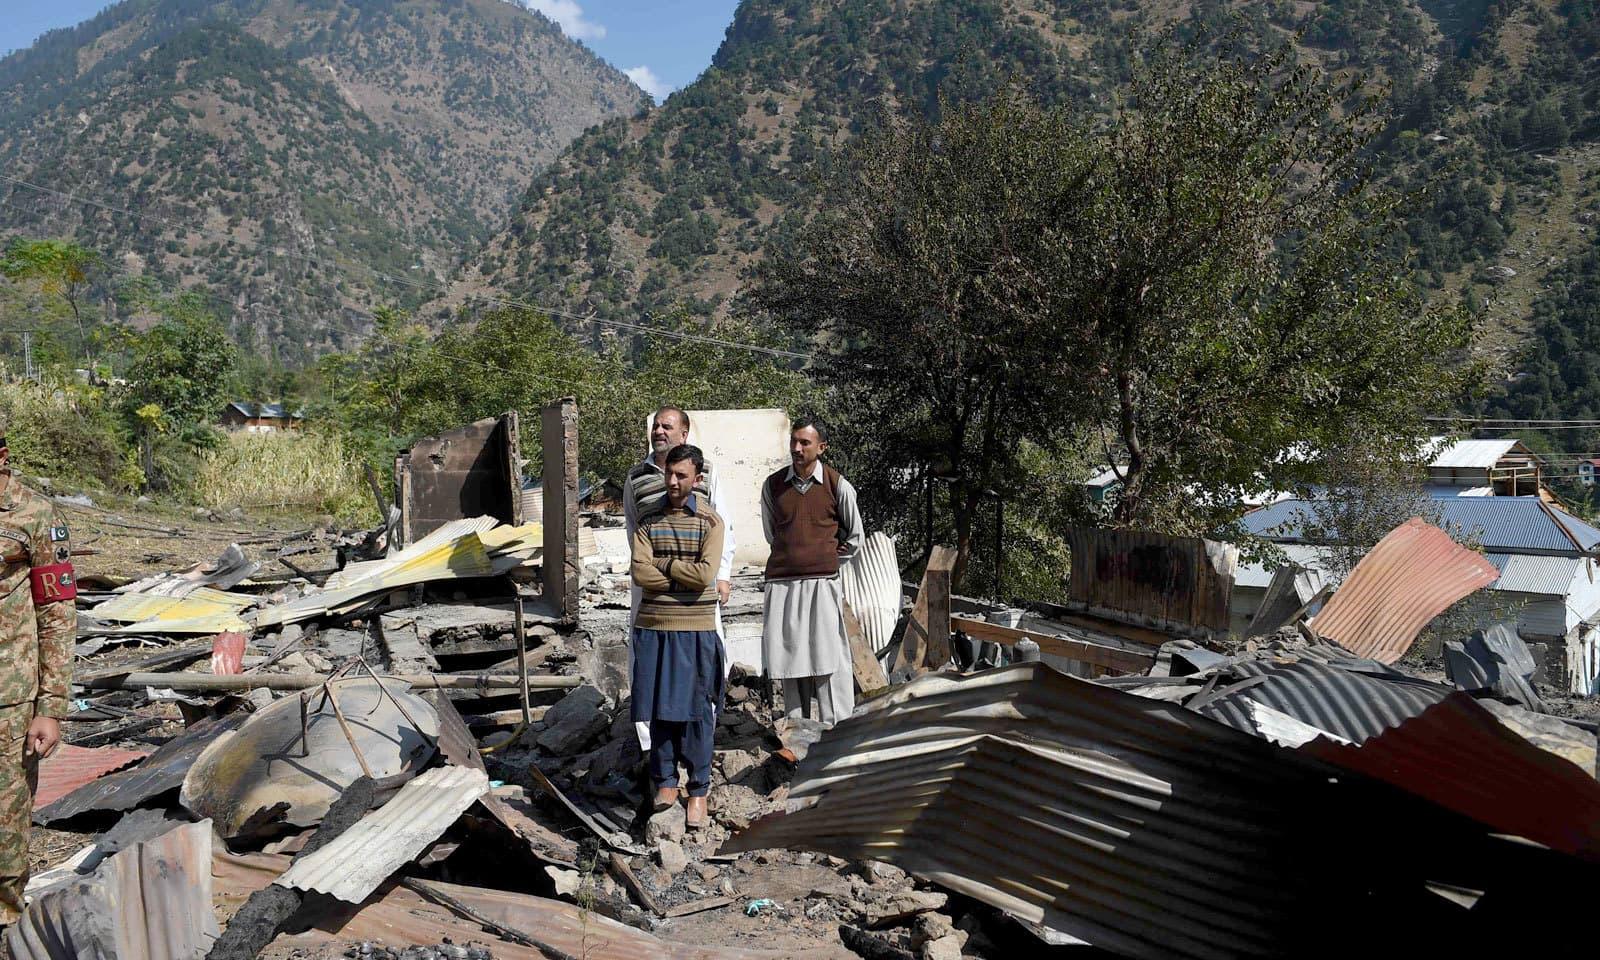 سفرا و ہائی کمشنرز نے ان مقامات کا جائزہ لیا جنہیں بھارتی اشتعال انگیزی سے نقصان پہنچا تھا — فوٹو: اے ایف پی